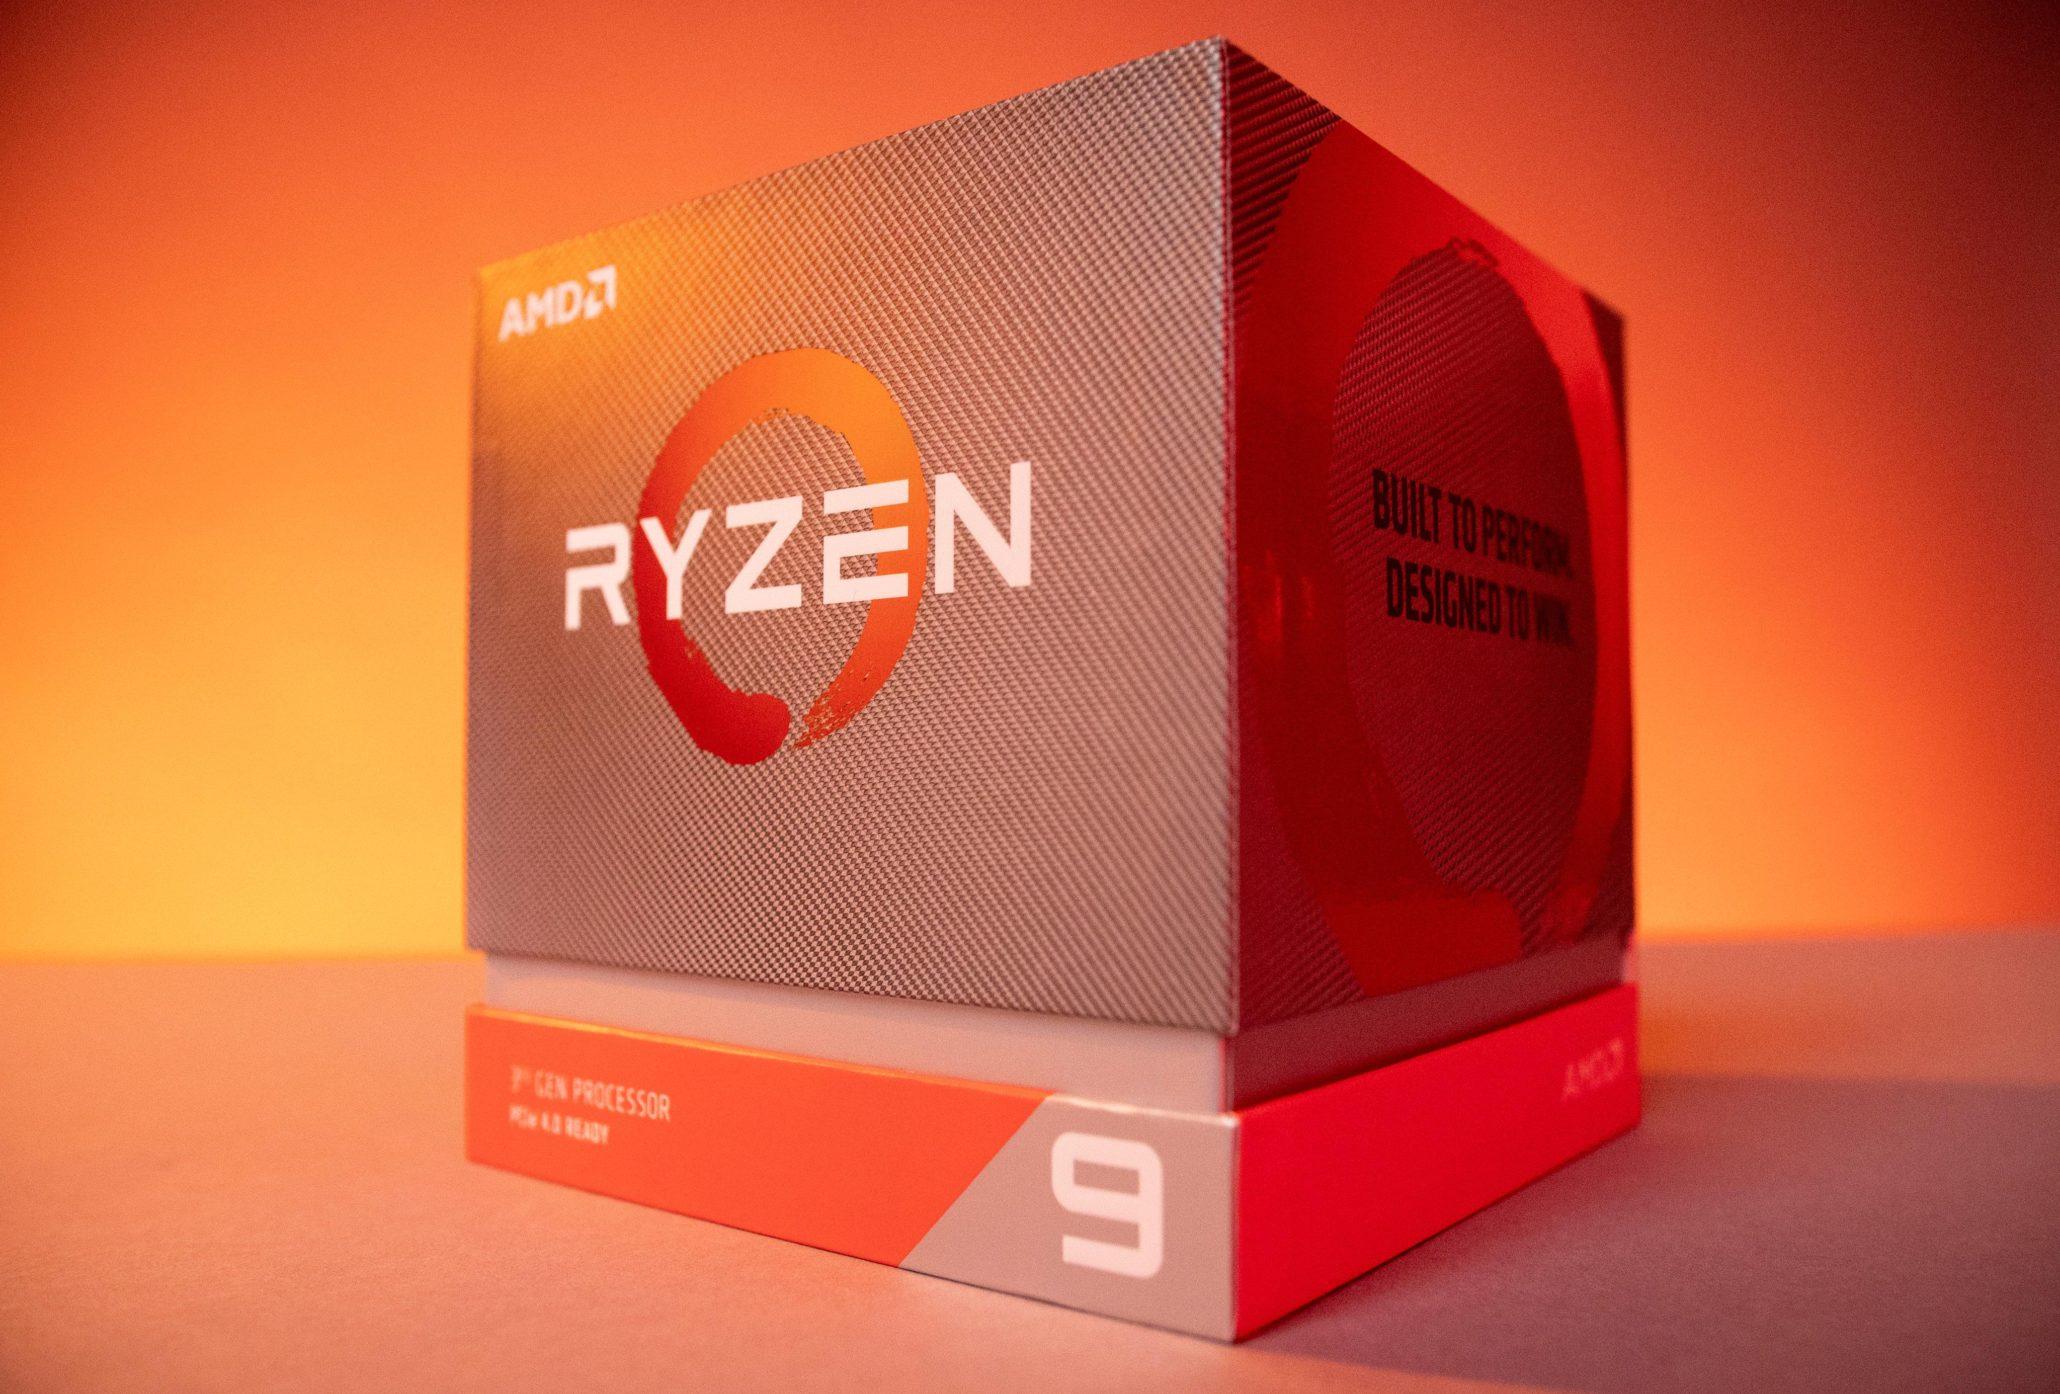 AMD готовит Ryzen 9 3900XT, Ryzen 7 3700XT и Ryzen 5 3600XT для того, чтобы ещё сильнее ударить по Intel